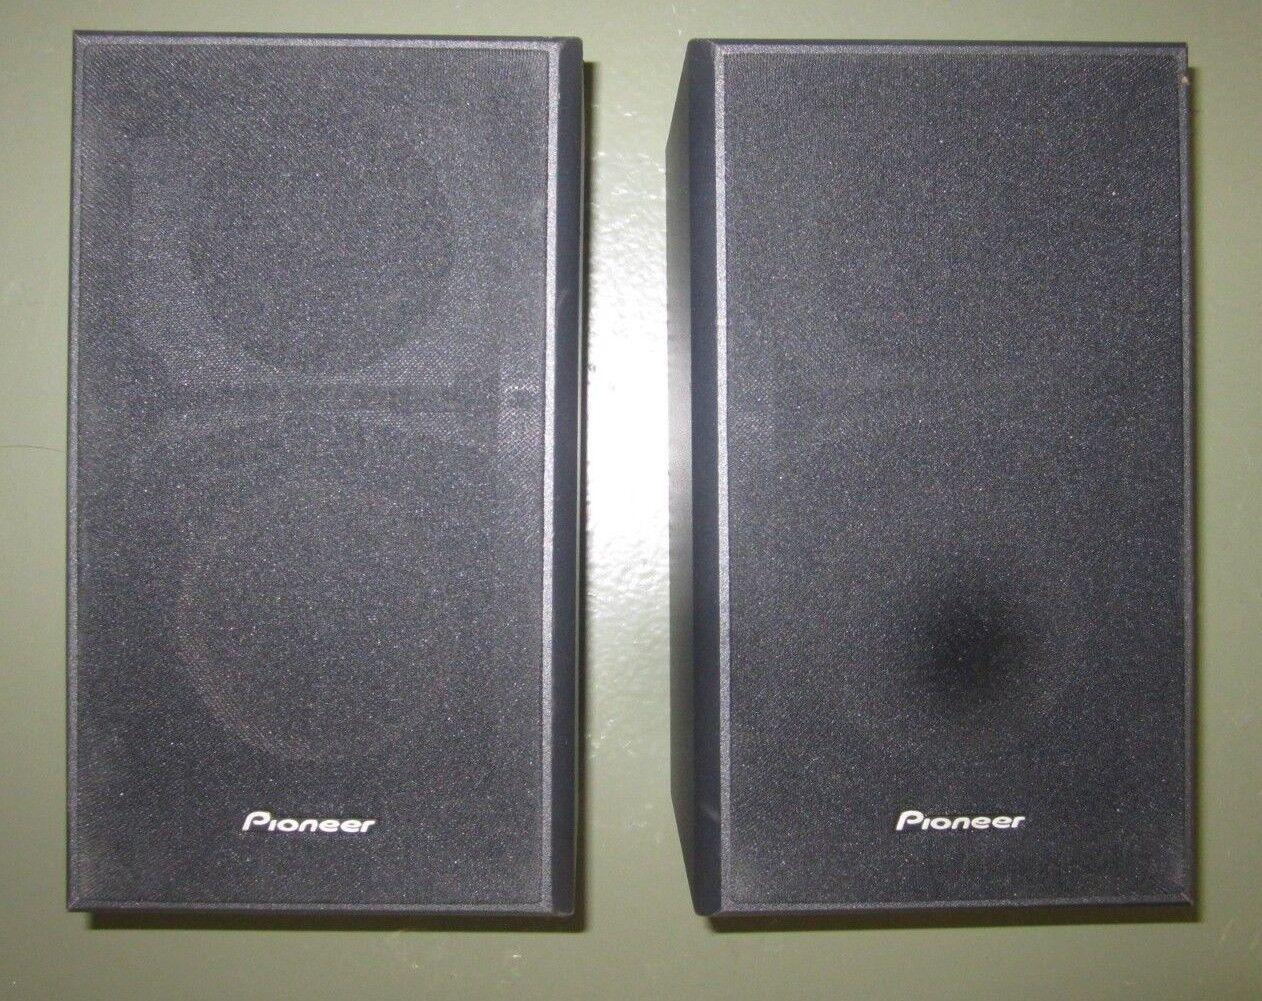 Pioneer S-HF21-LR  Speakers Model SAN3760-C VERY NICE